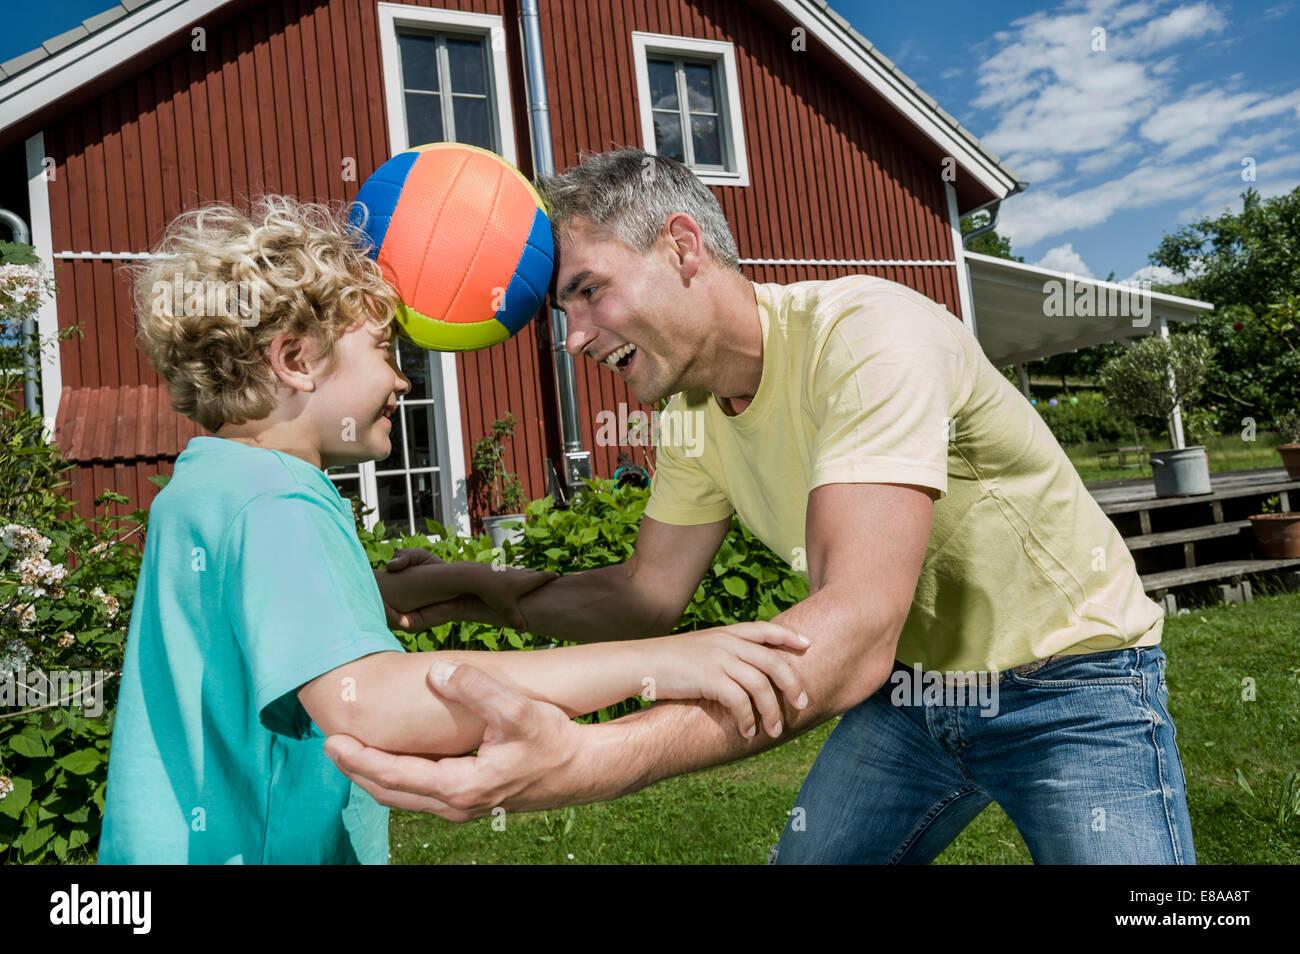 Vater Sohn Fußball spielen Spaß Ausgleich Garten Stockbild